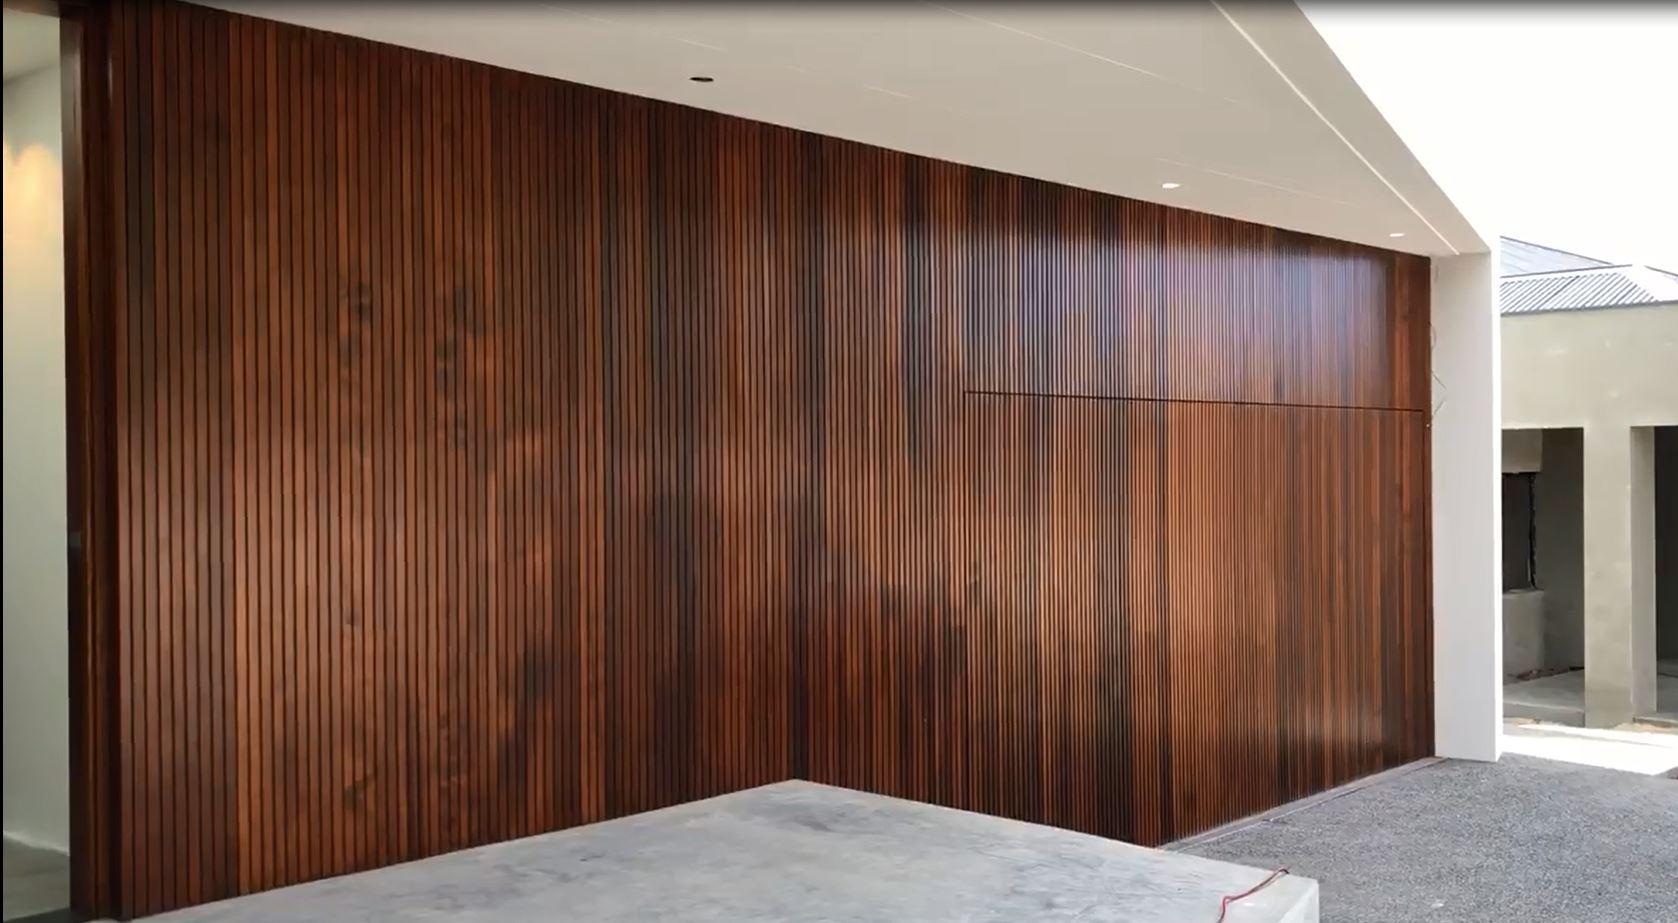 Squarestyle lining on tilt-up garage door